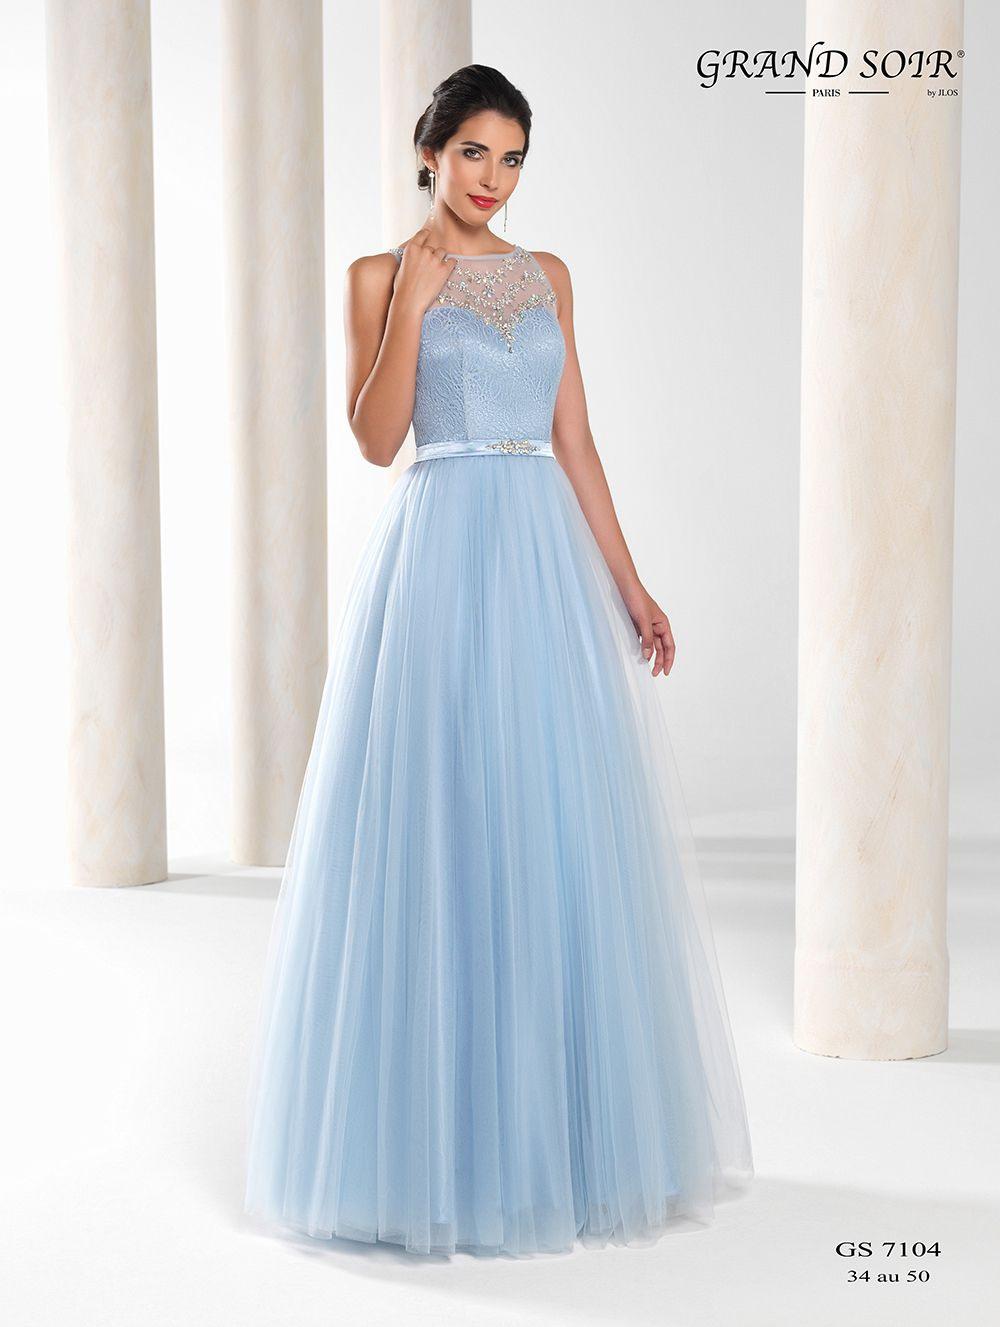 Formal Wunderbar Abendkleider Neumünster für 2019Designer Luxurius Abendkleider Neumünster Spezialgebiet